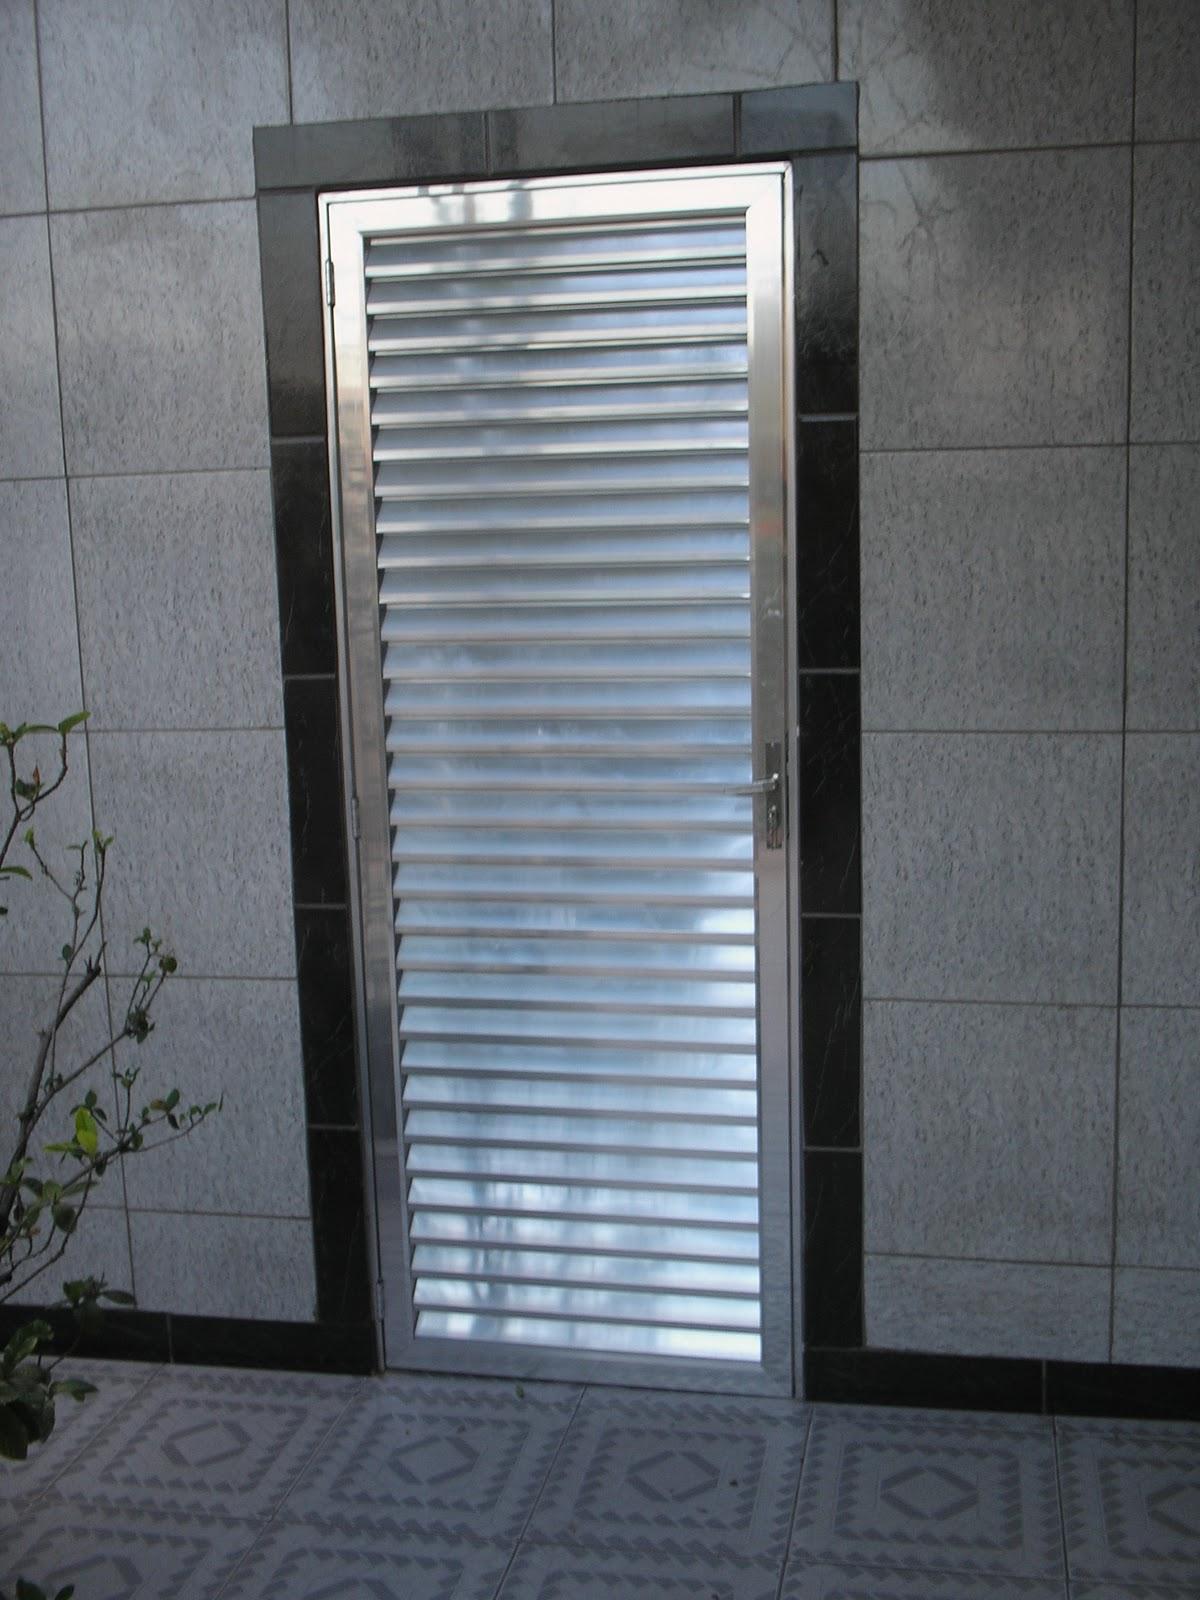 #486683 Design Aluminium: Porta veneziana 848 Manutenção Em Janelas De Aluminio Em Bh